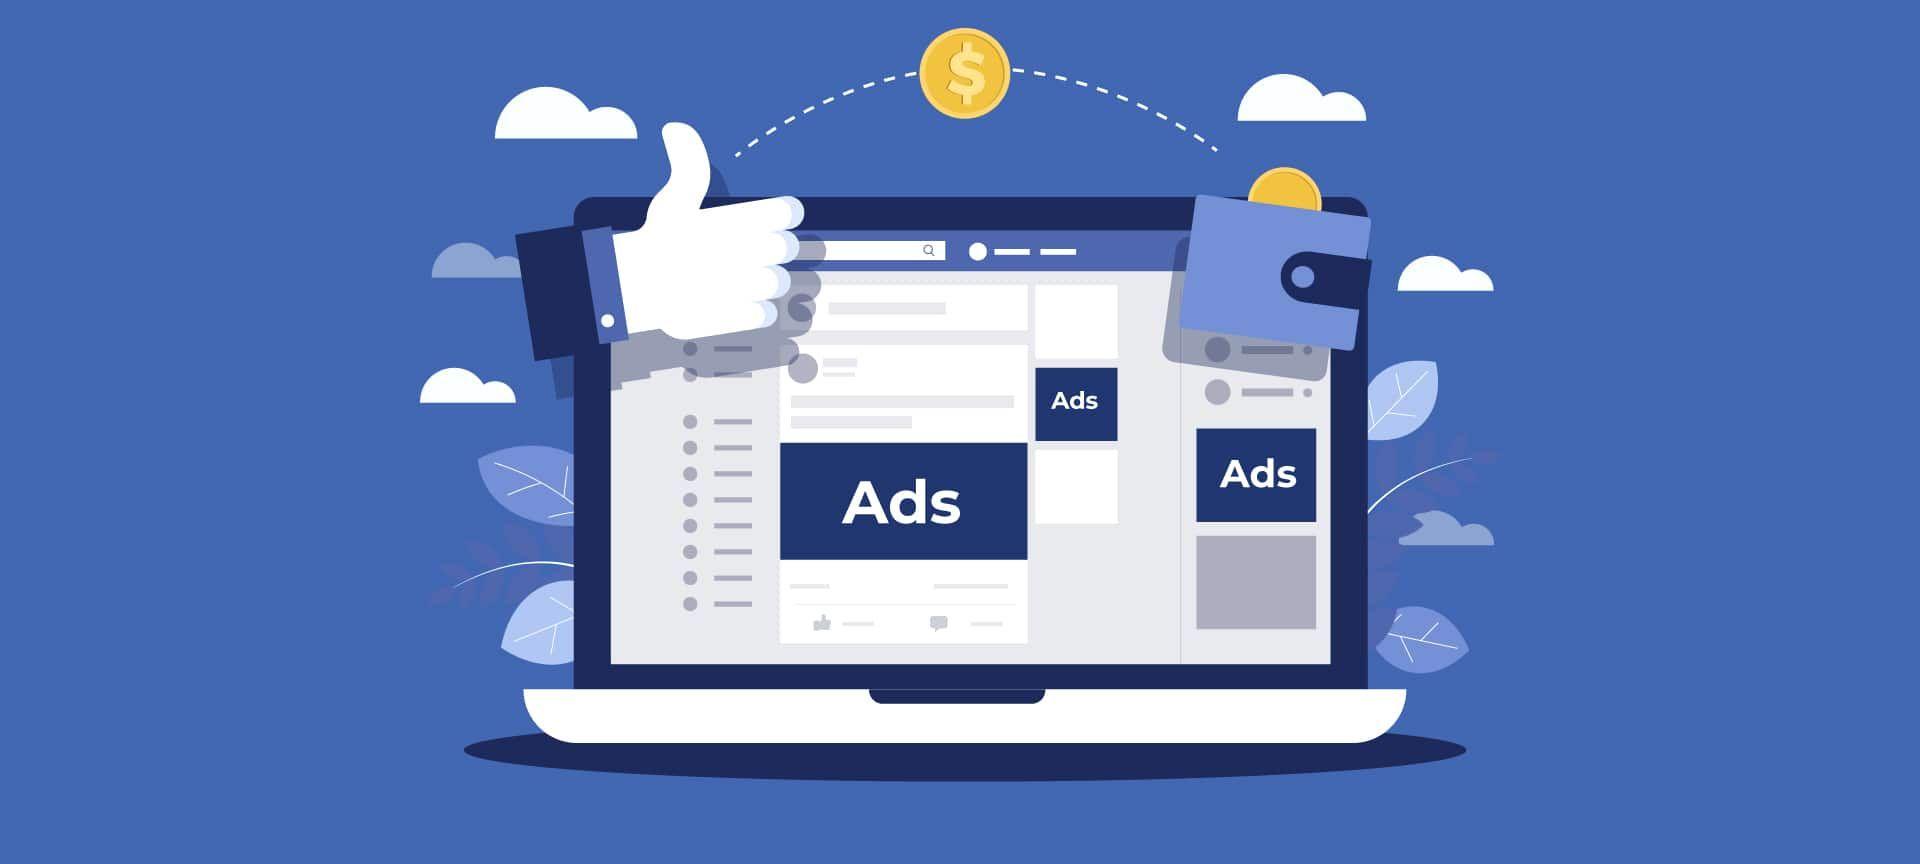 Khai thác quảng cáo Facebook hiệu quả